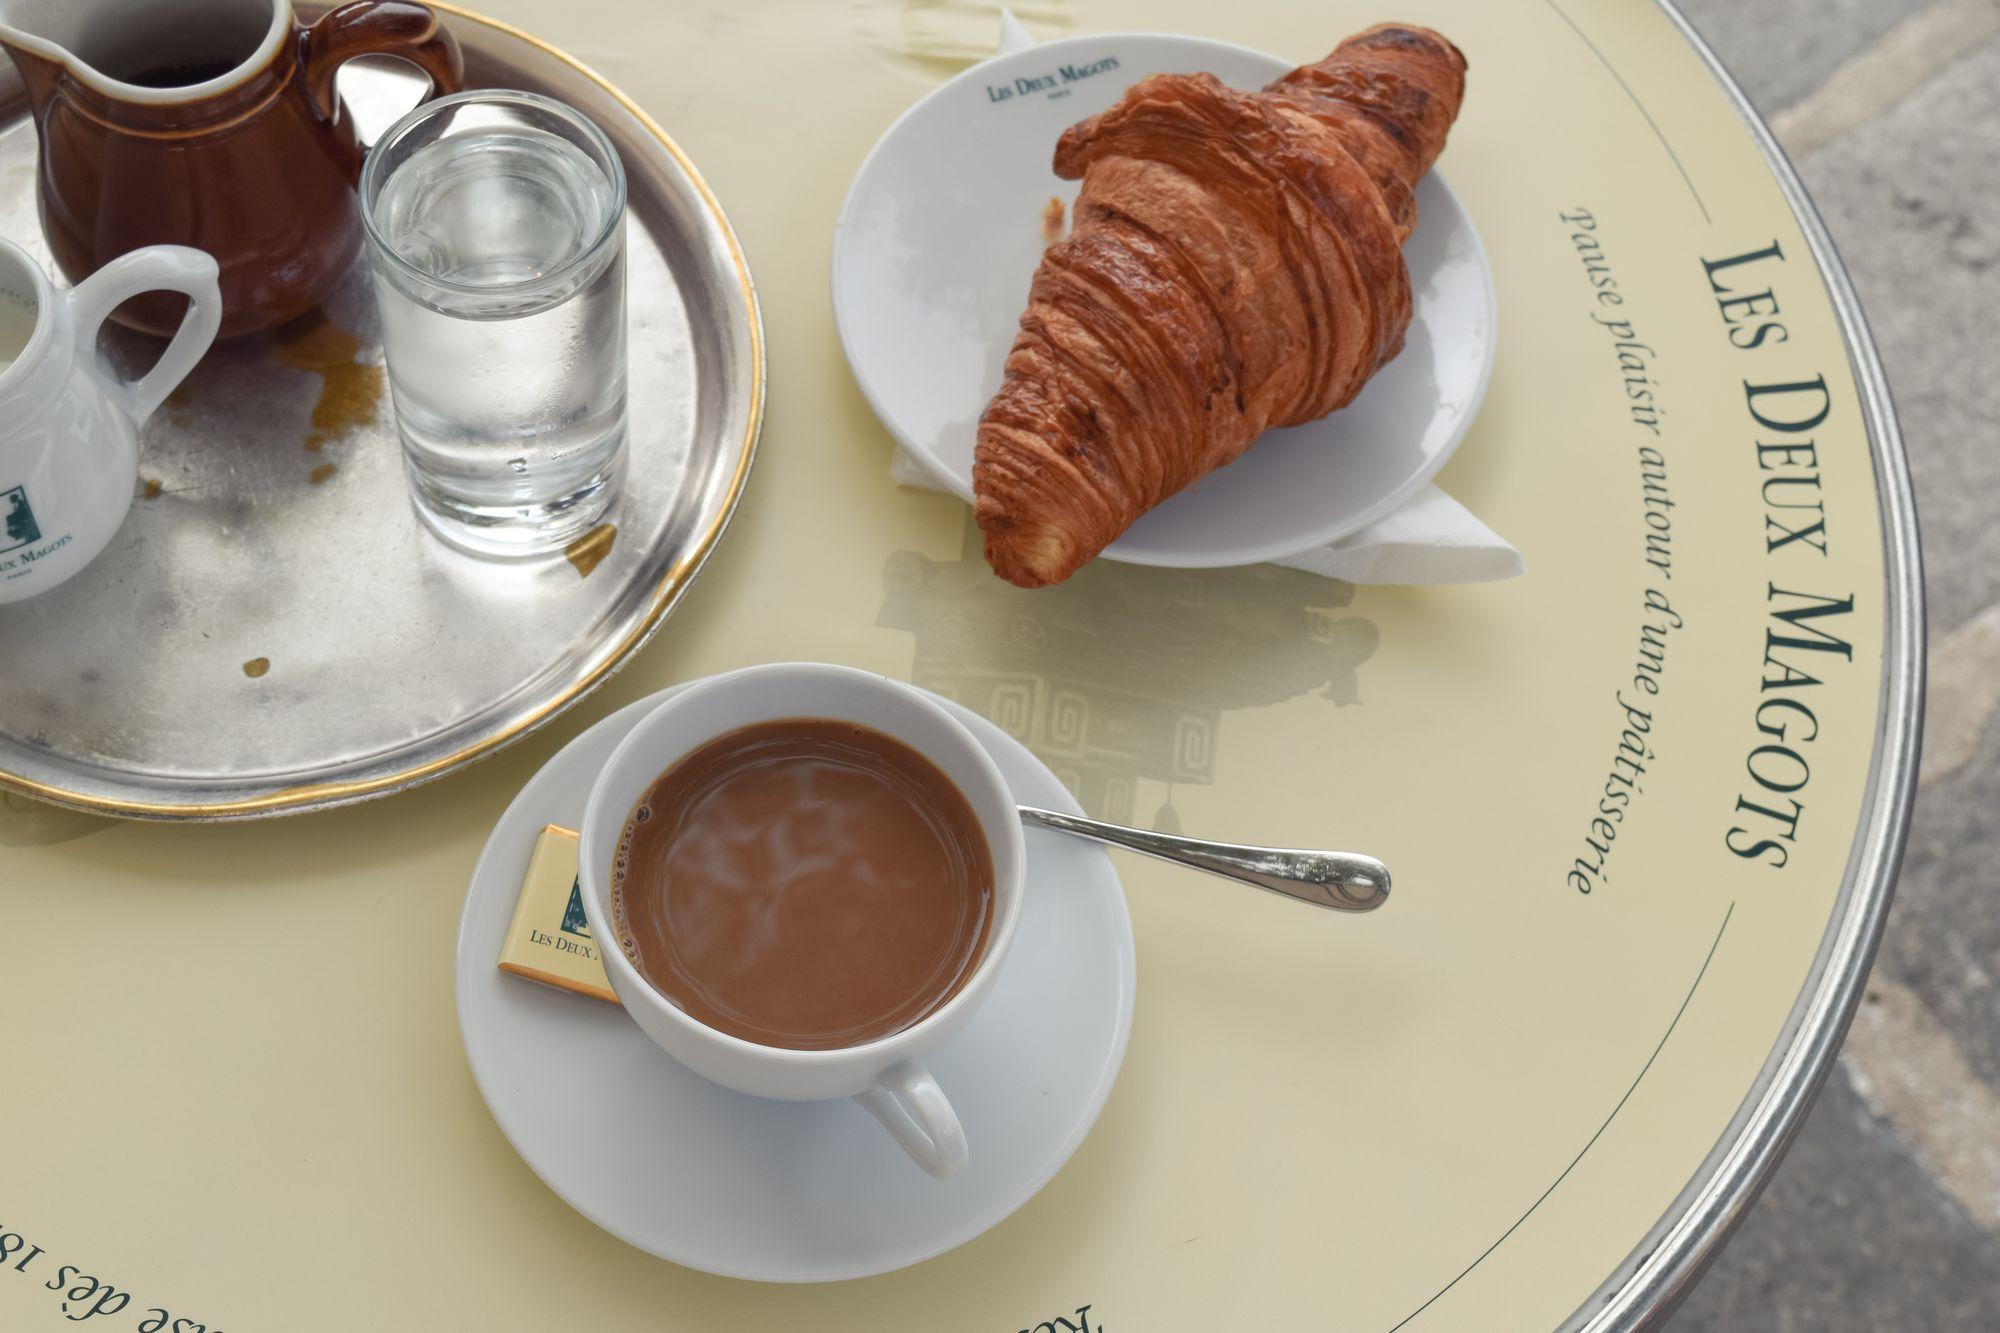 Coffee at Les Deux Magots, Paris